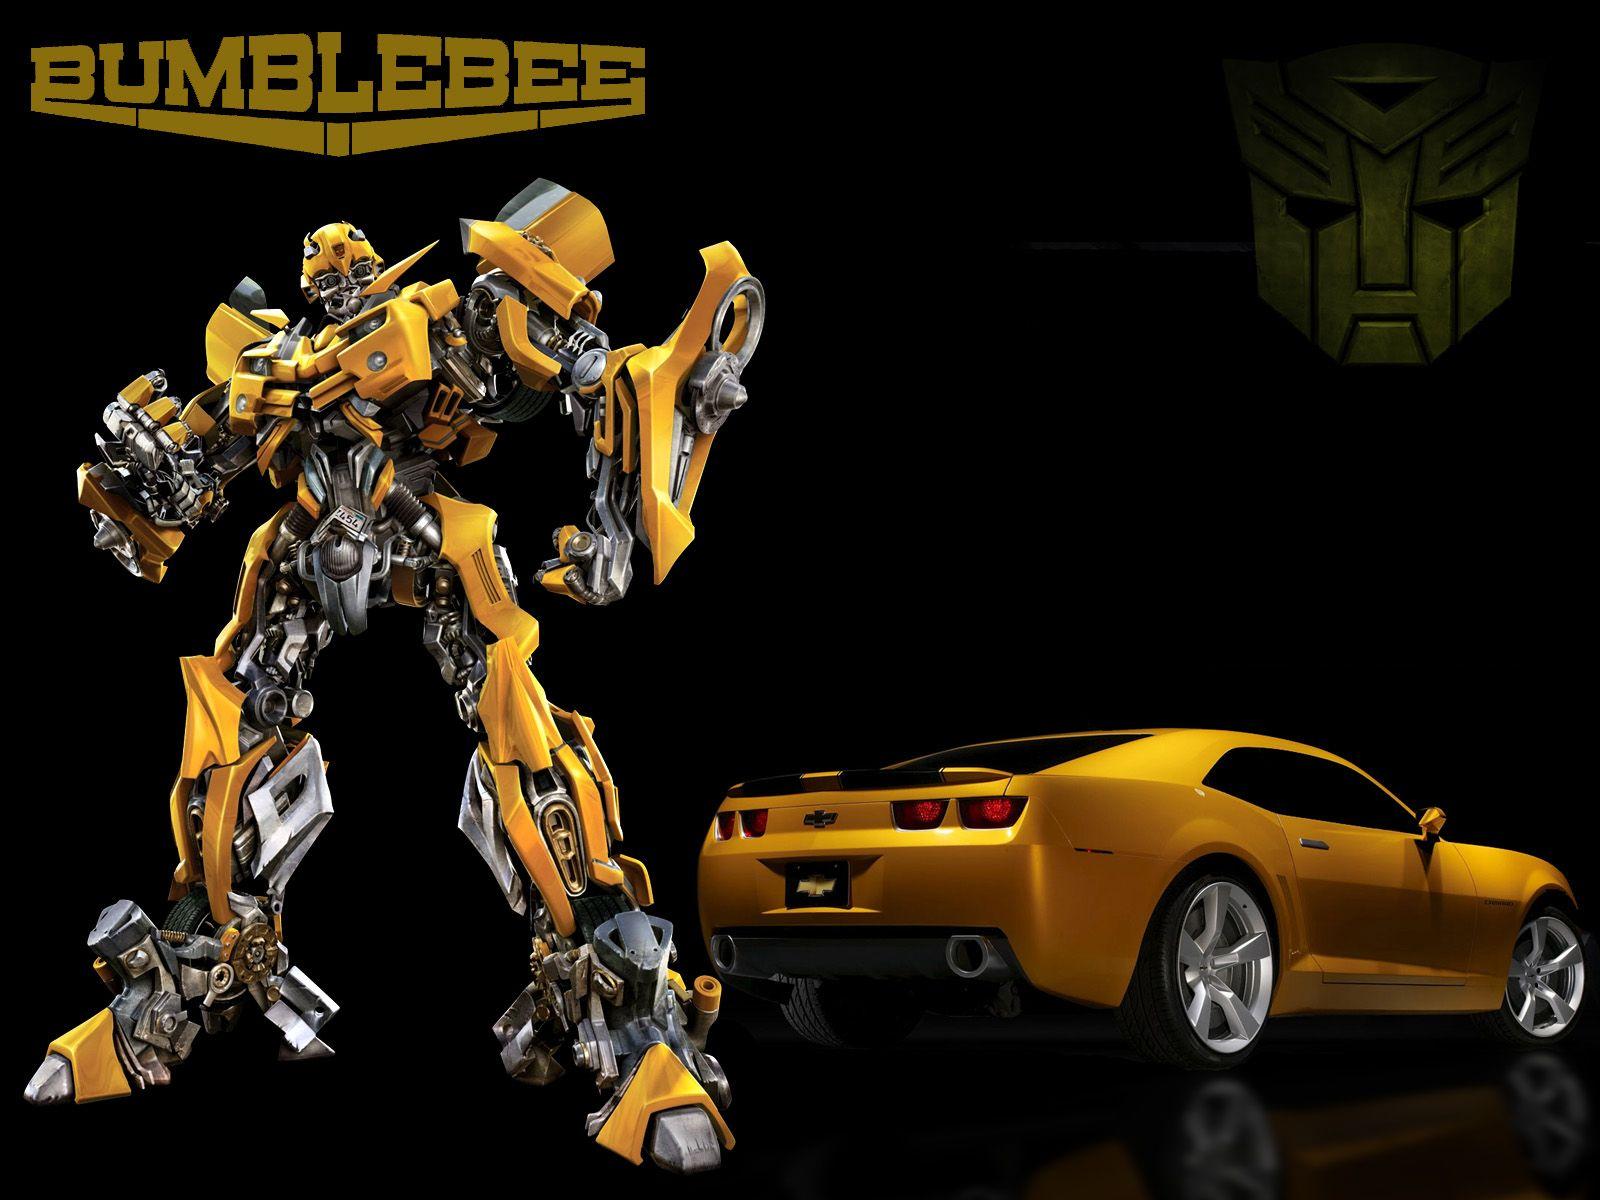 Basado en la afamada película Transformers este shooter cumple con ...